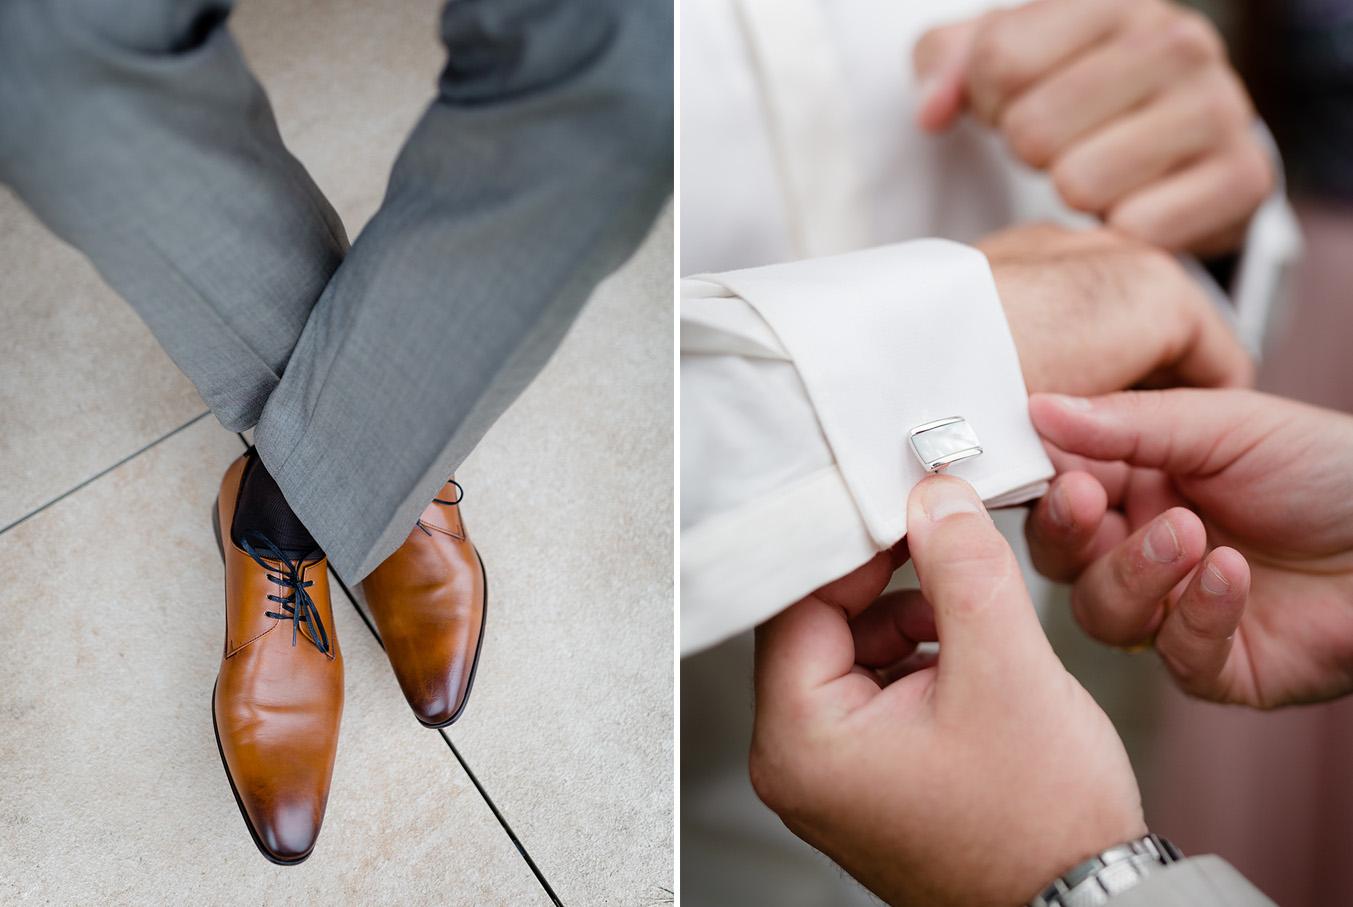 Vienna_Wien_Atzenbrugg_Hochzeit_Paar_Verlobung_Engagement_30